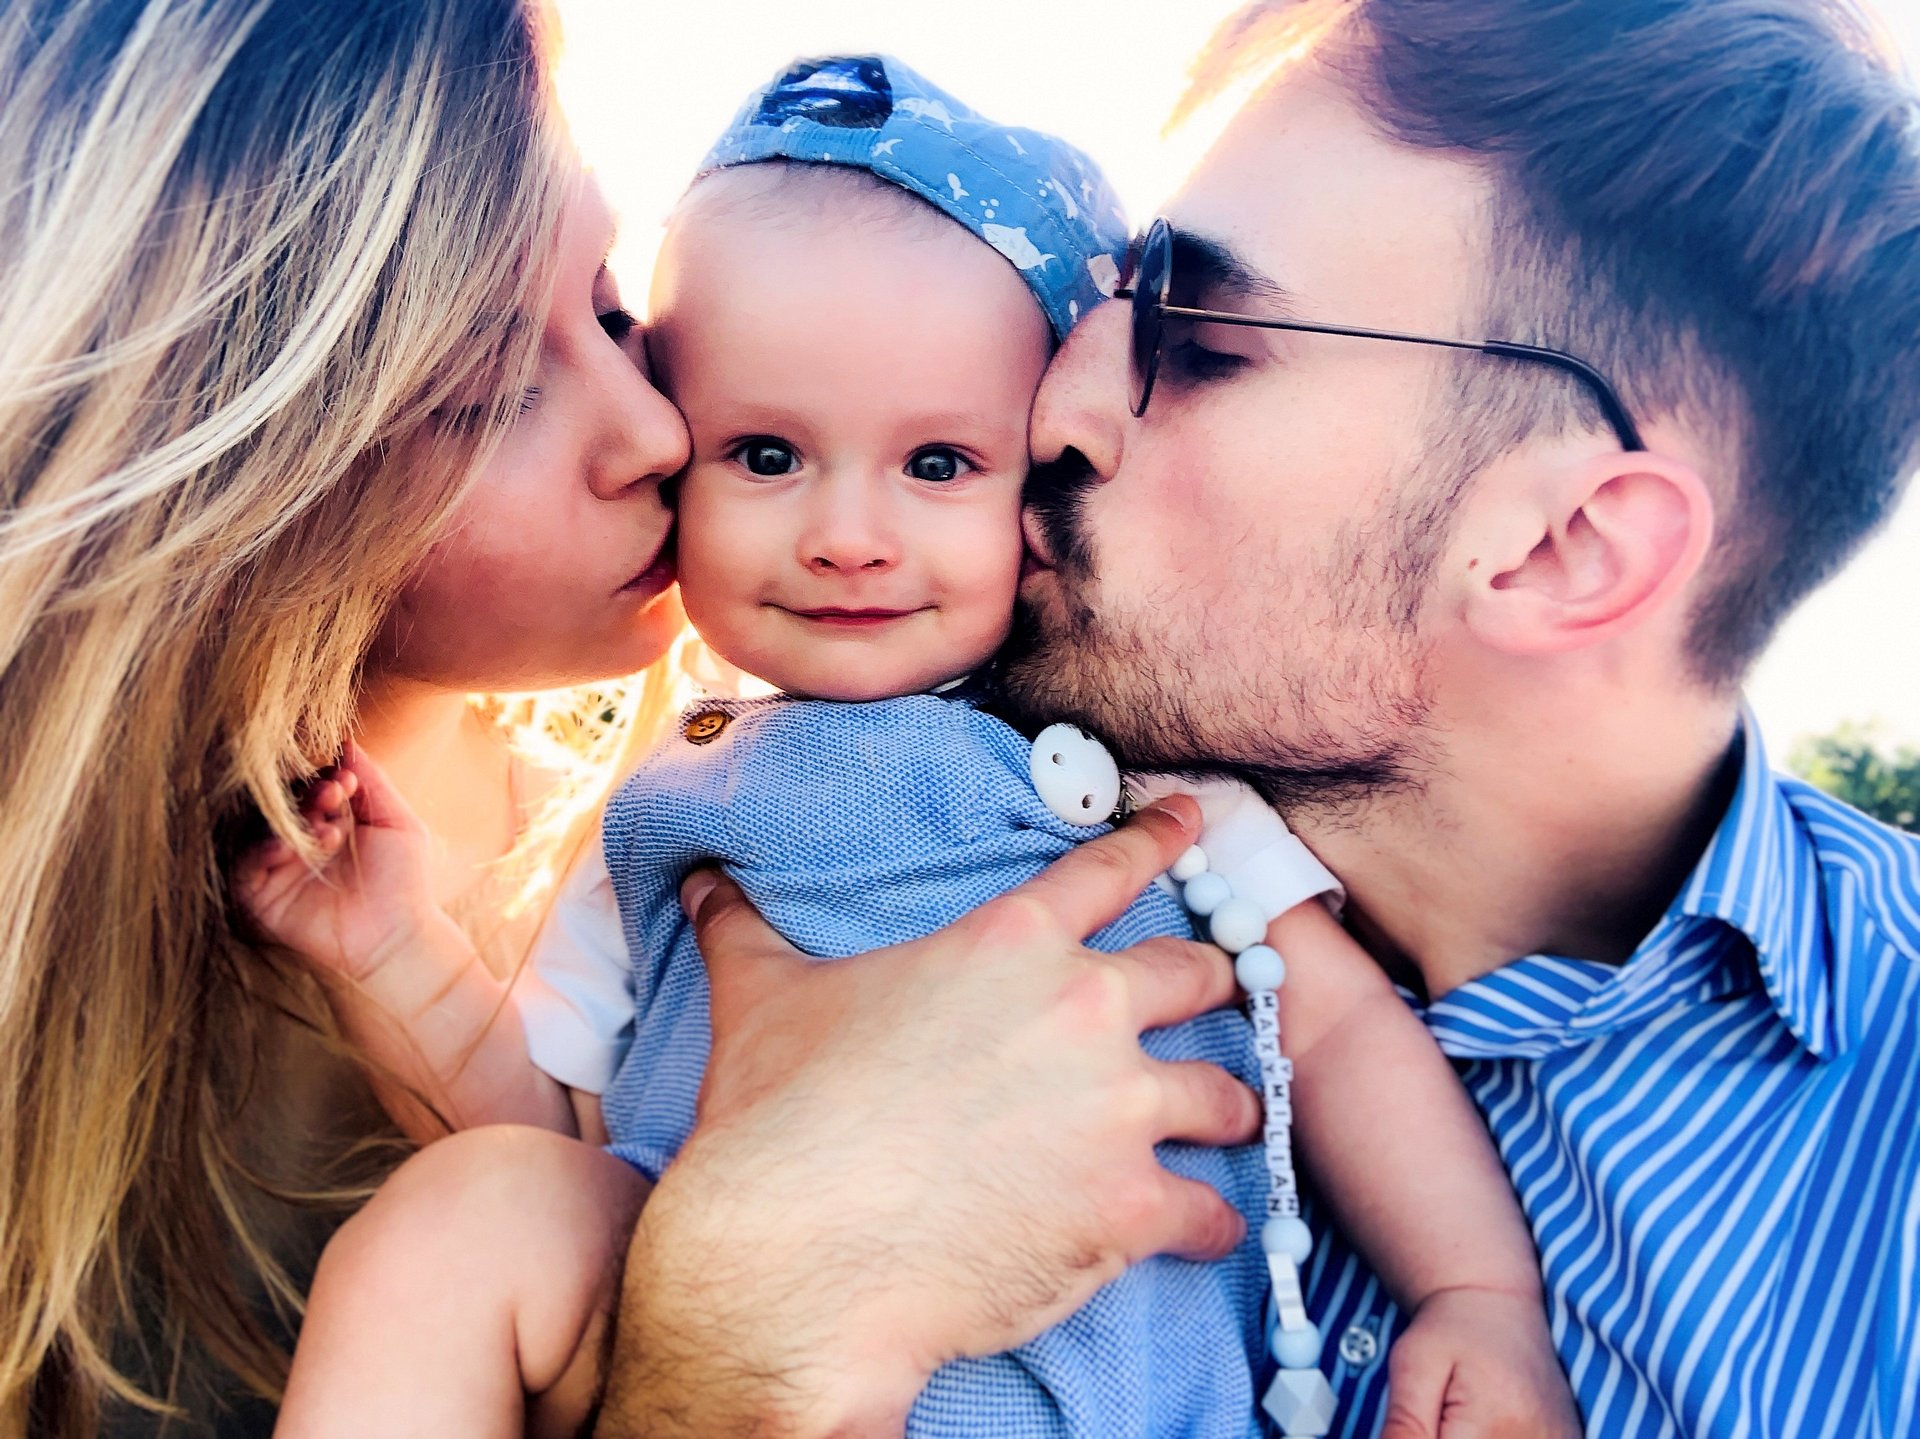 Przeszczep szpiku, który może uratować życie dziecka10-miesięczny Max pilnie potrzebuje Dawcy niespokrewnionego